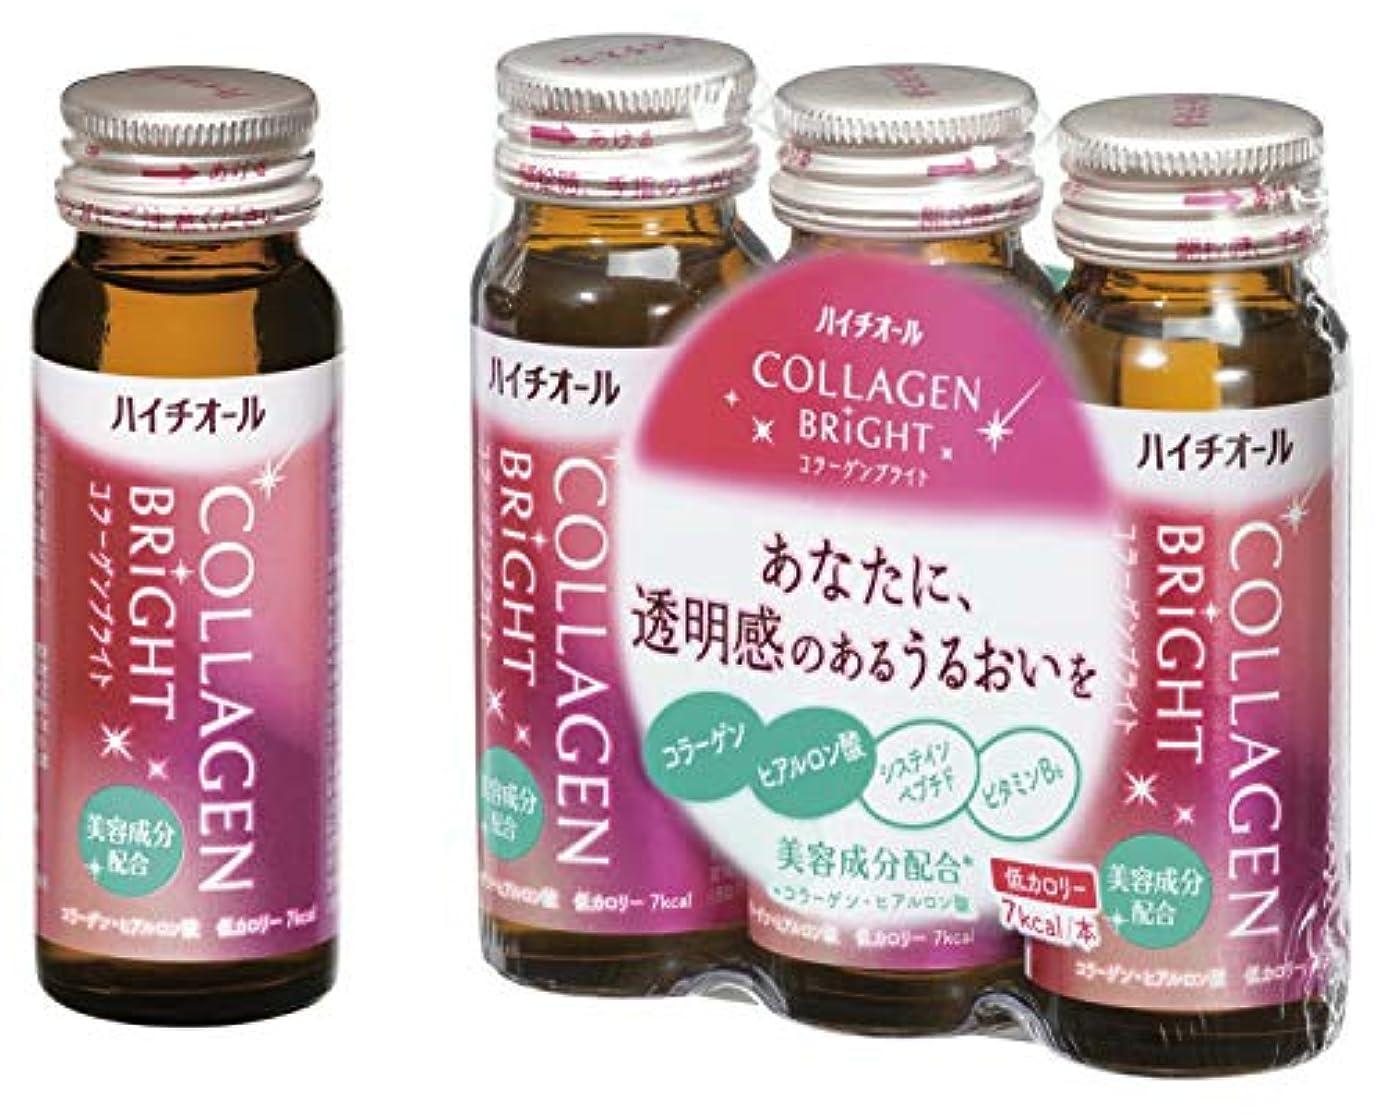 ターゲット緊張するアリーナエスエス製薬 ハイチオール コラーゲンブライト50ml×3本